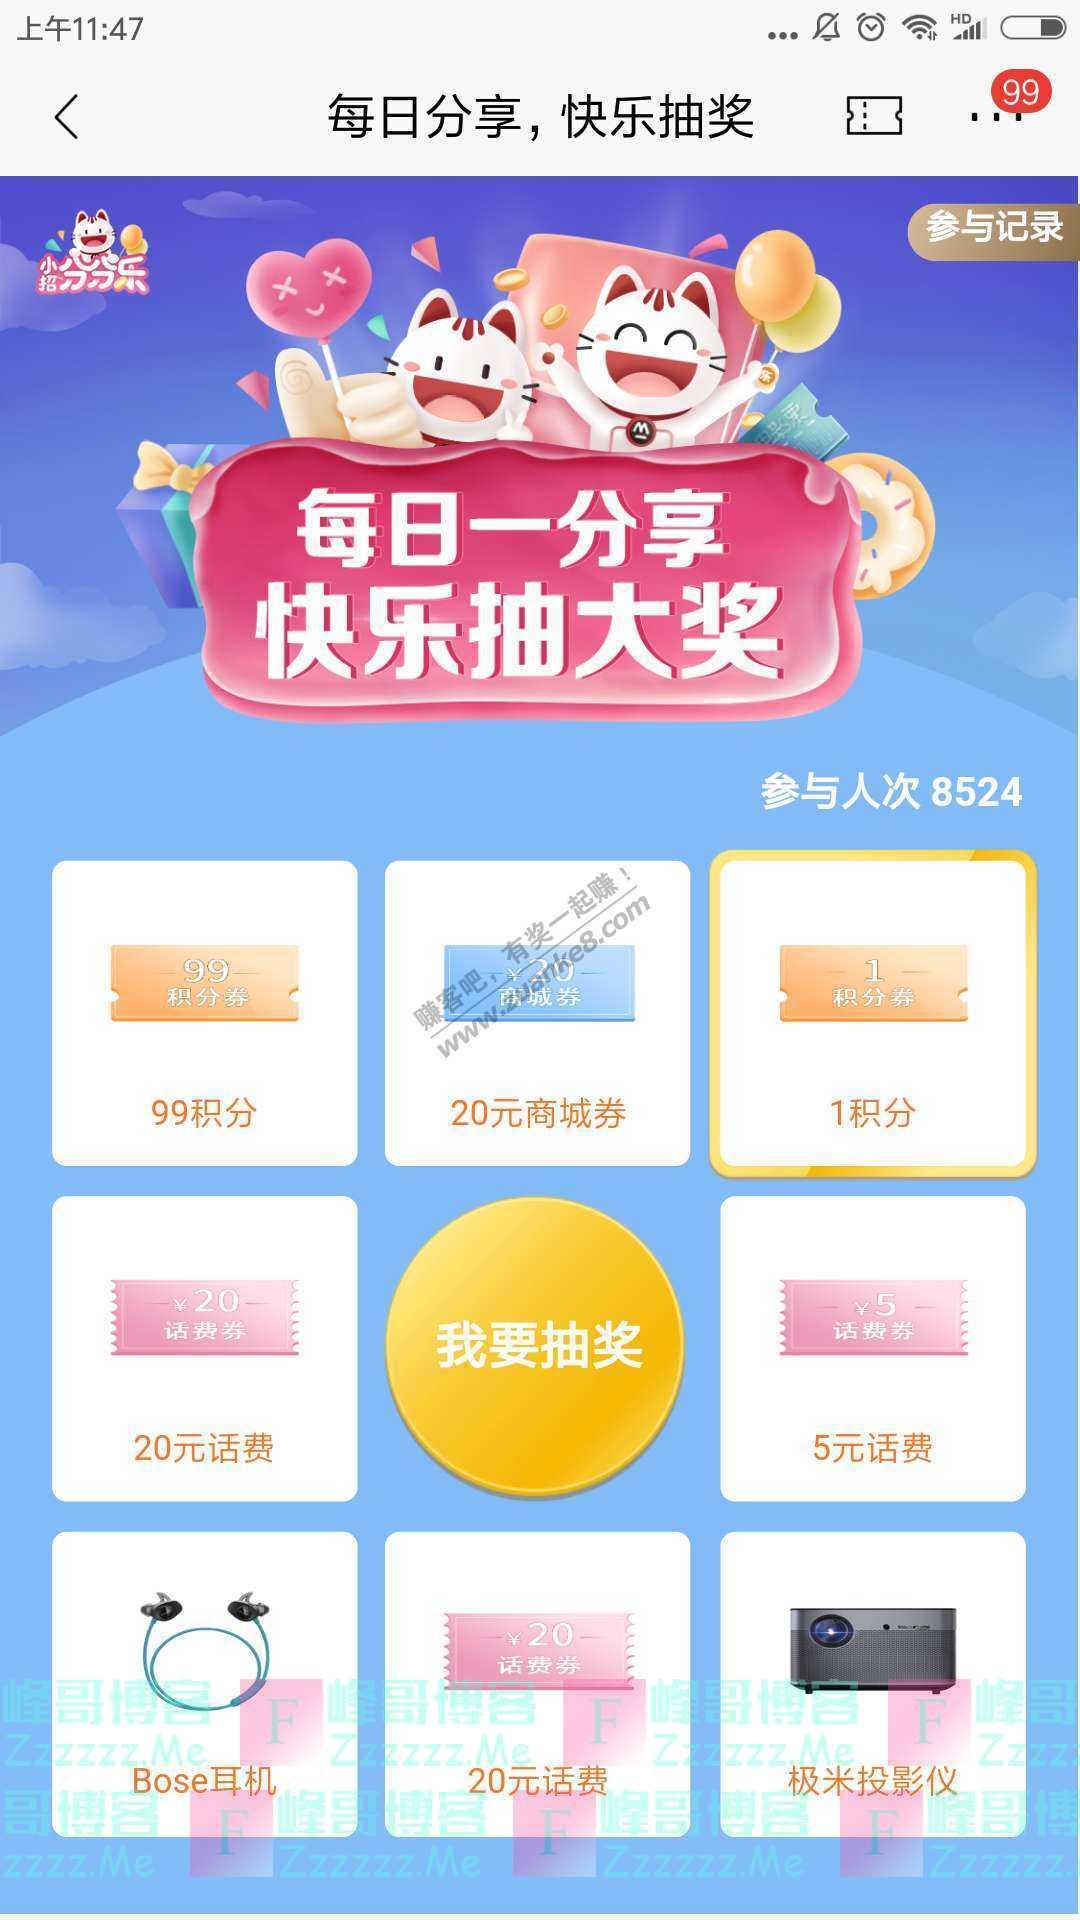 招商银行app小招分分乐(截止11月27日)